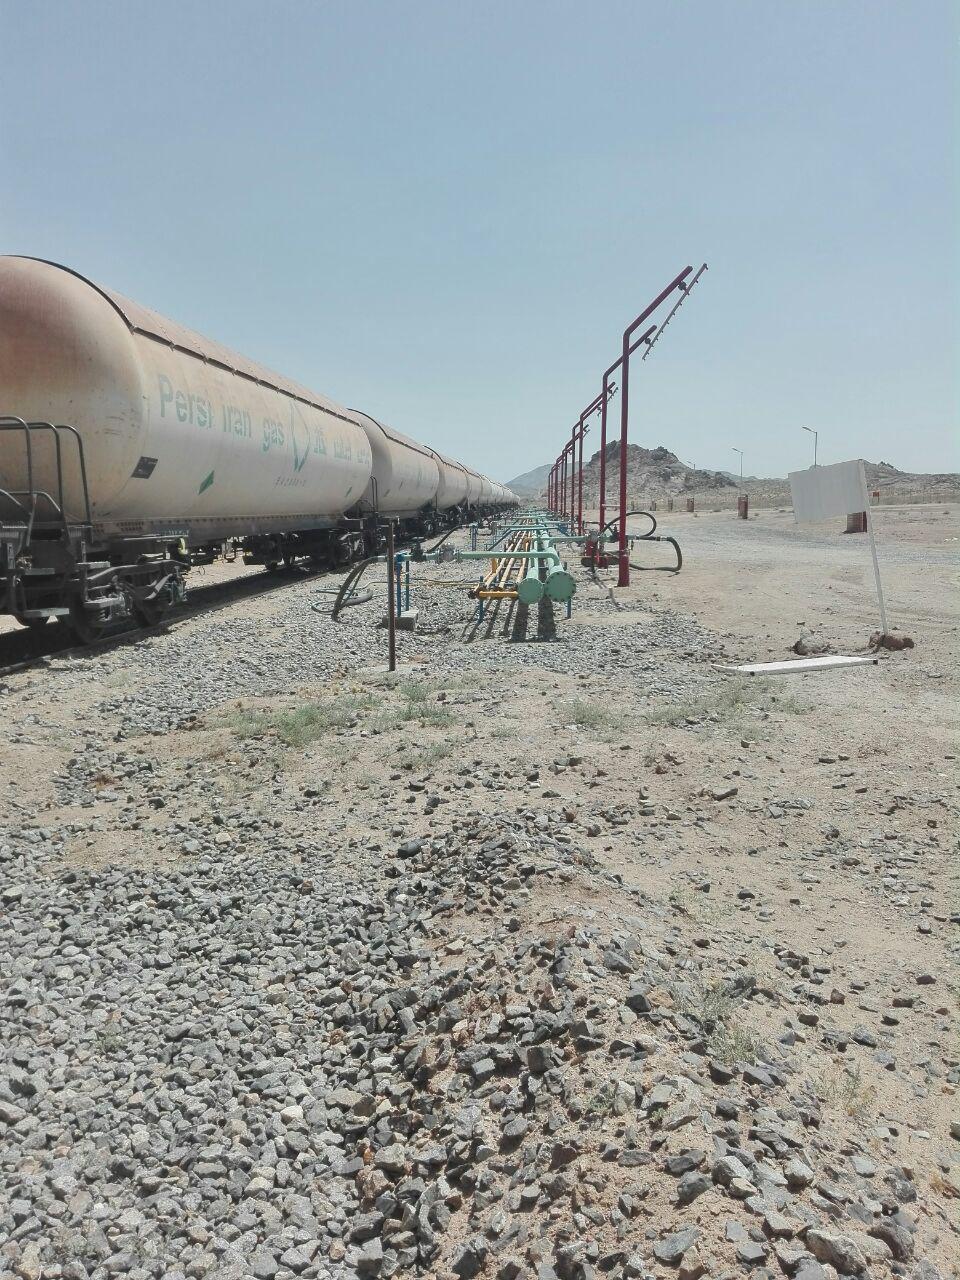 جایگزینی کامل حمل گاز مایع از حمل جادهای به حمل ریلی در استان سیستان و بلوچستان